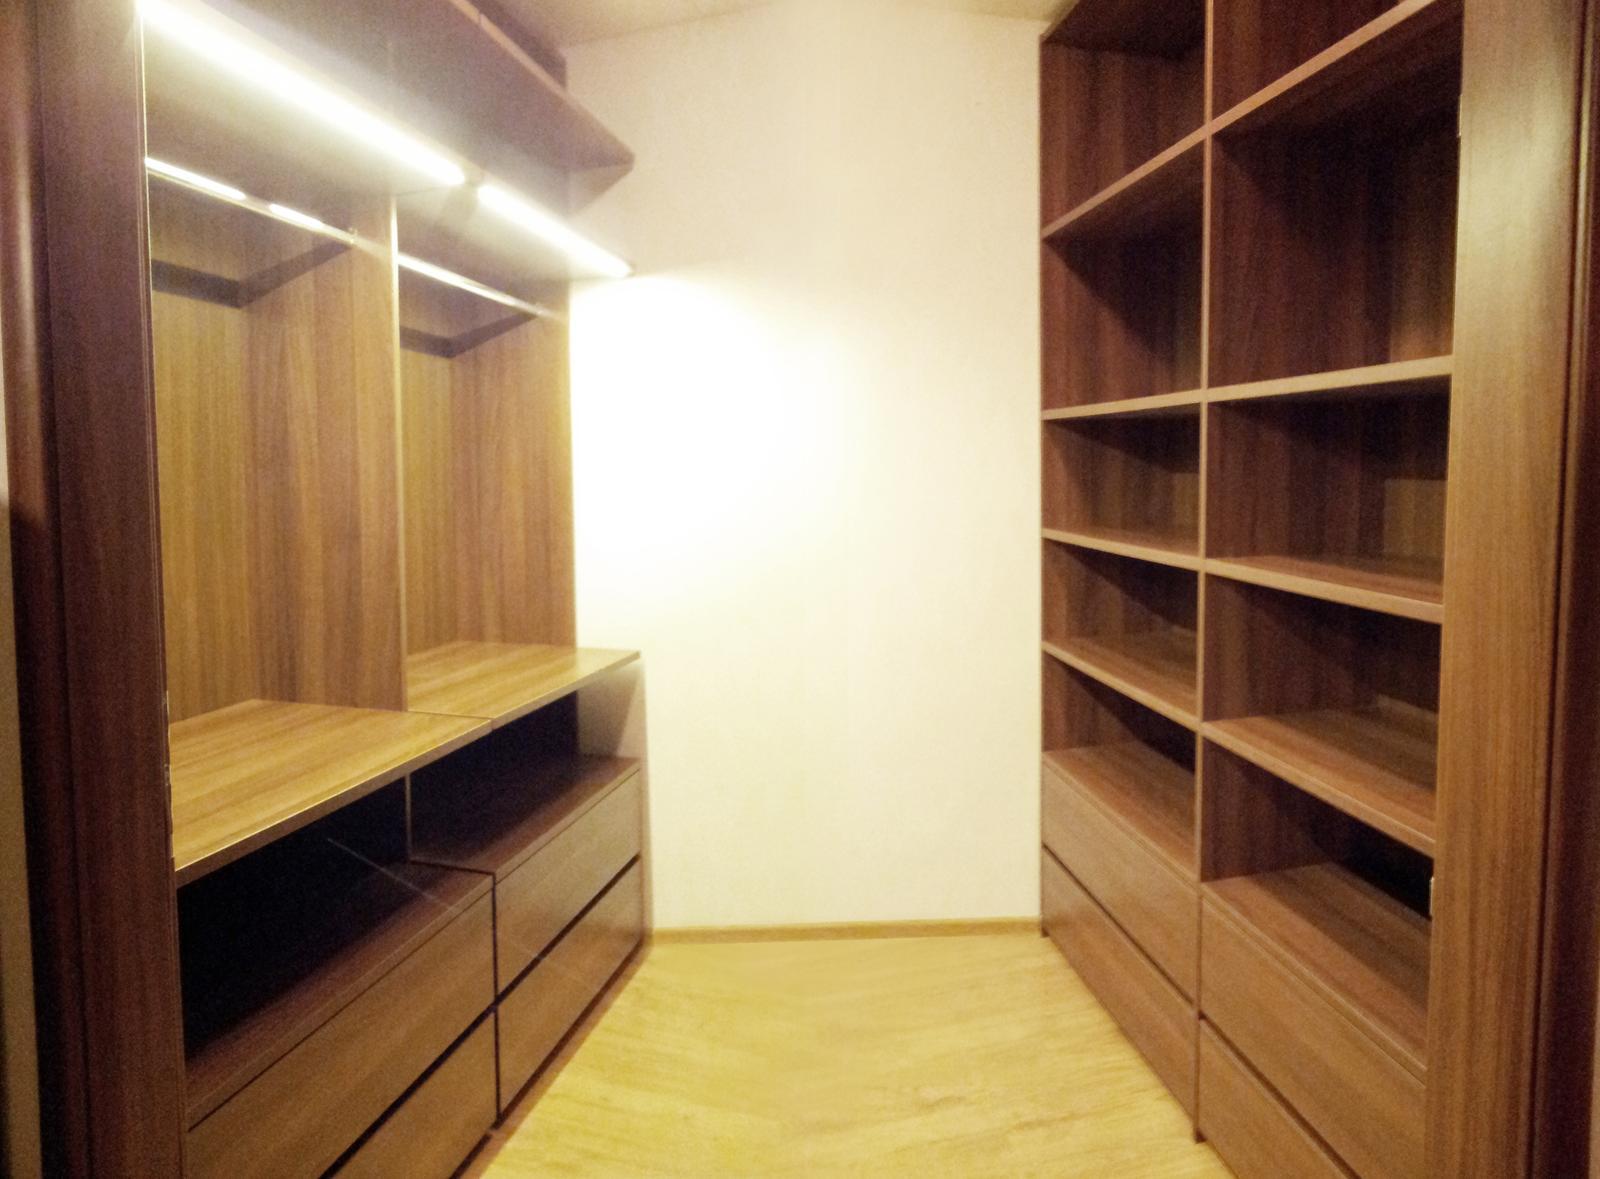 Dizajn a výroba nábytku na mieru Cubica - Vstavaný šatník s LED osvetlením - orech - dizajn a výroba cubica